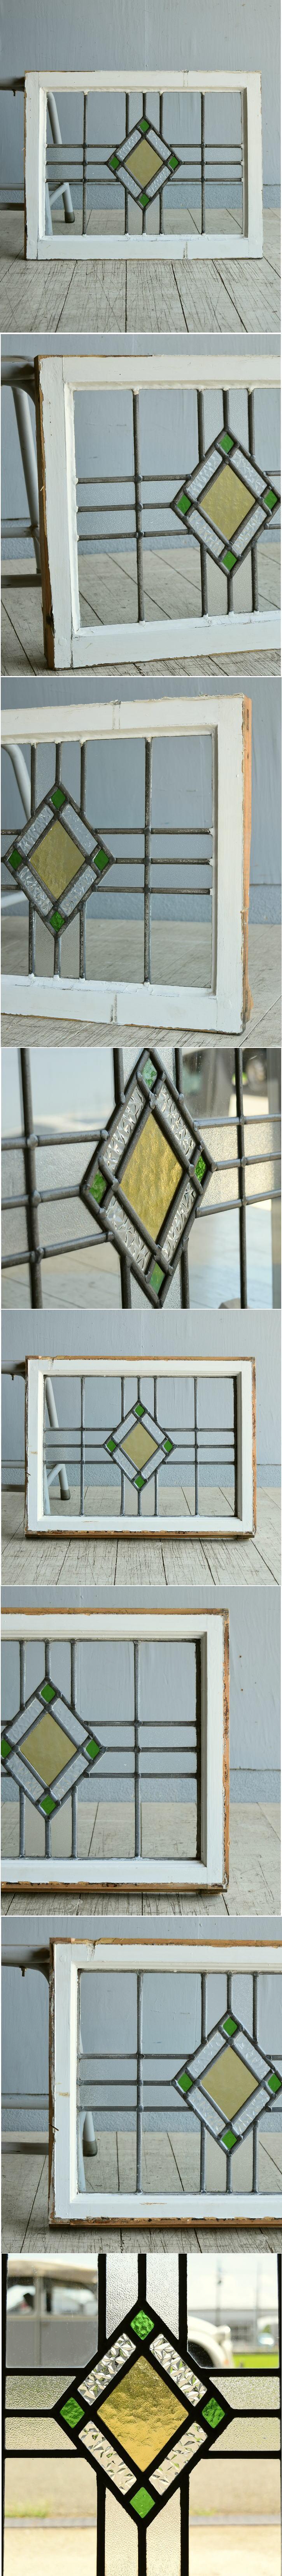 イギリス アンティーク ステンドグラス 幾何学 8115